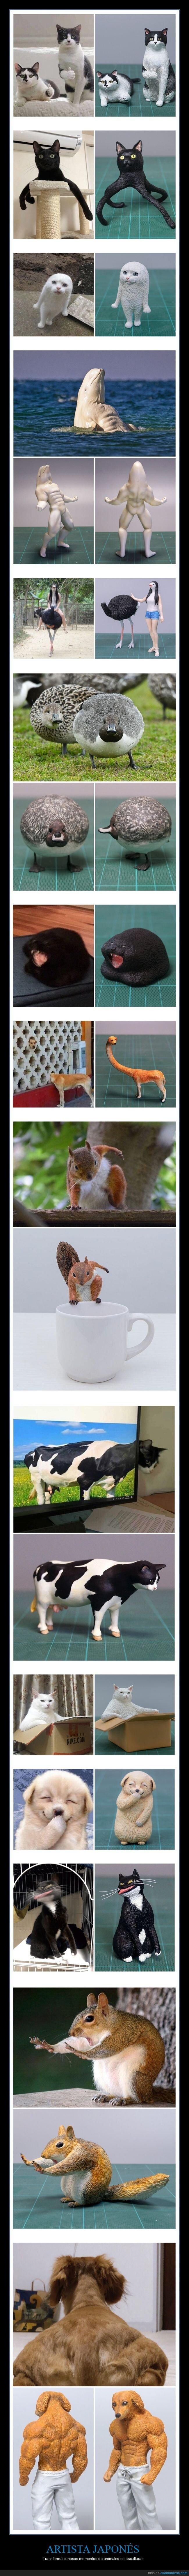 animales,esculturas